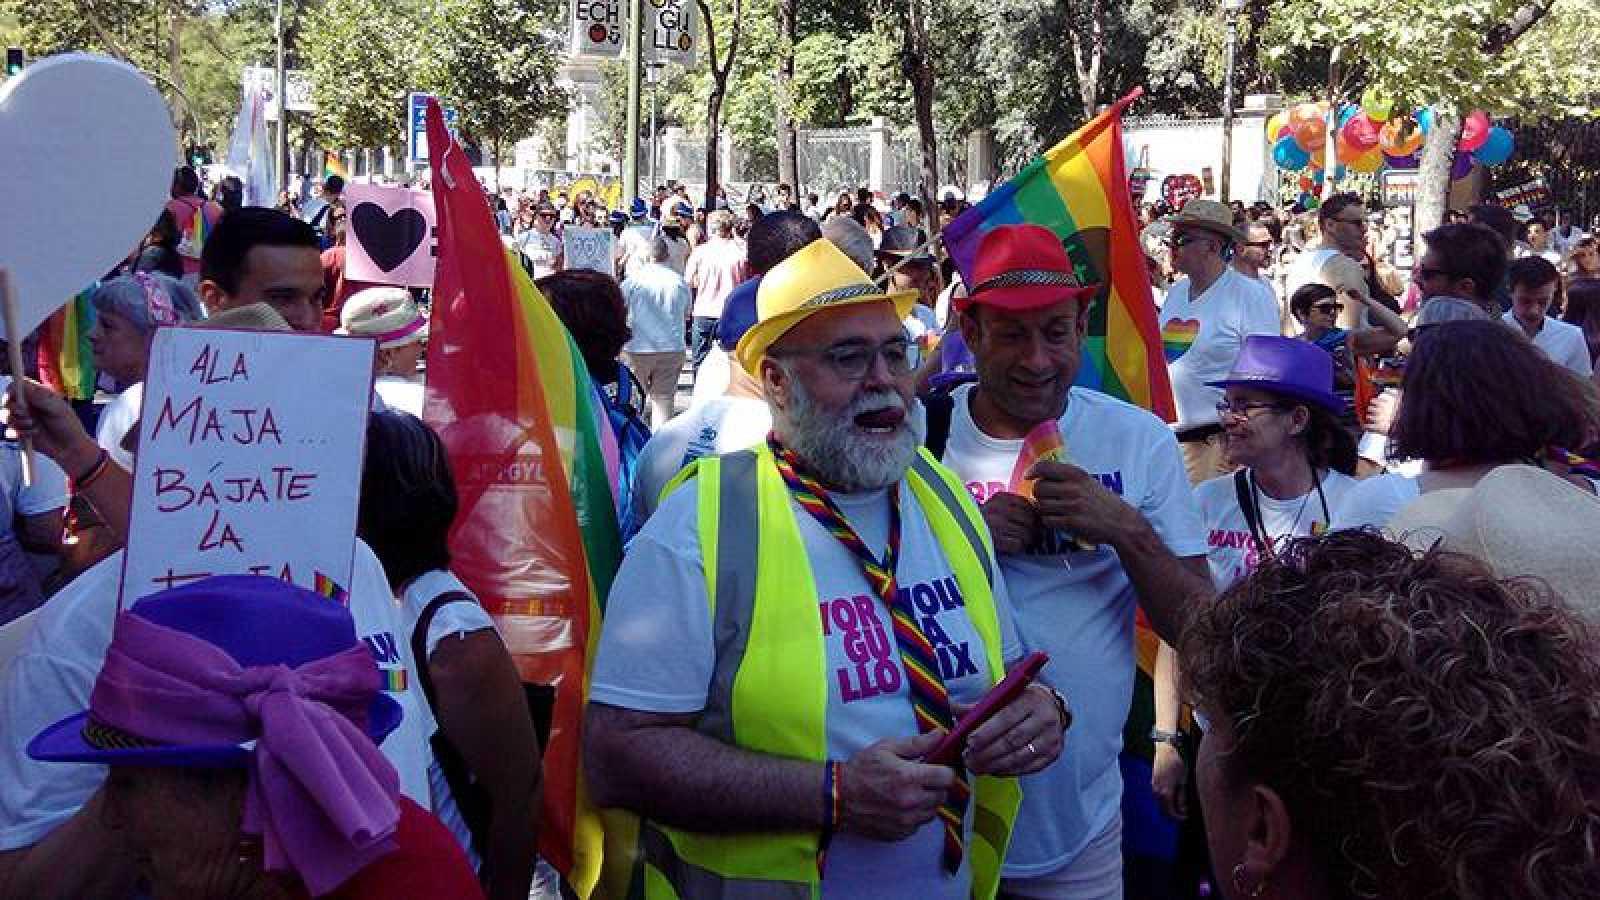 Personas mayoresdel colectivo LGTBI, en el Día del Orgullo en Madrid en 2017